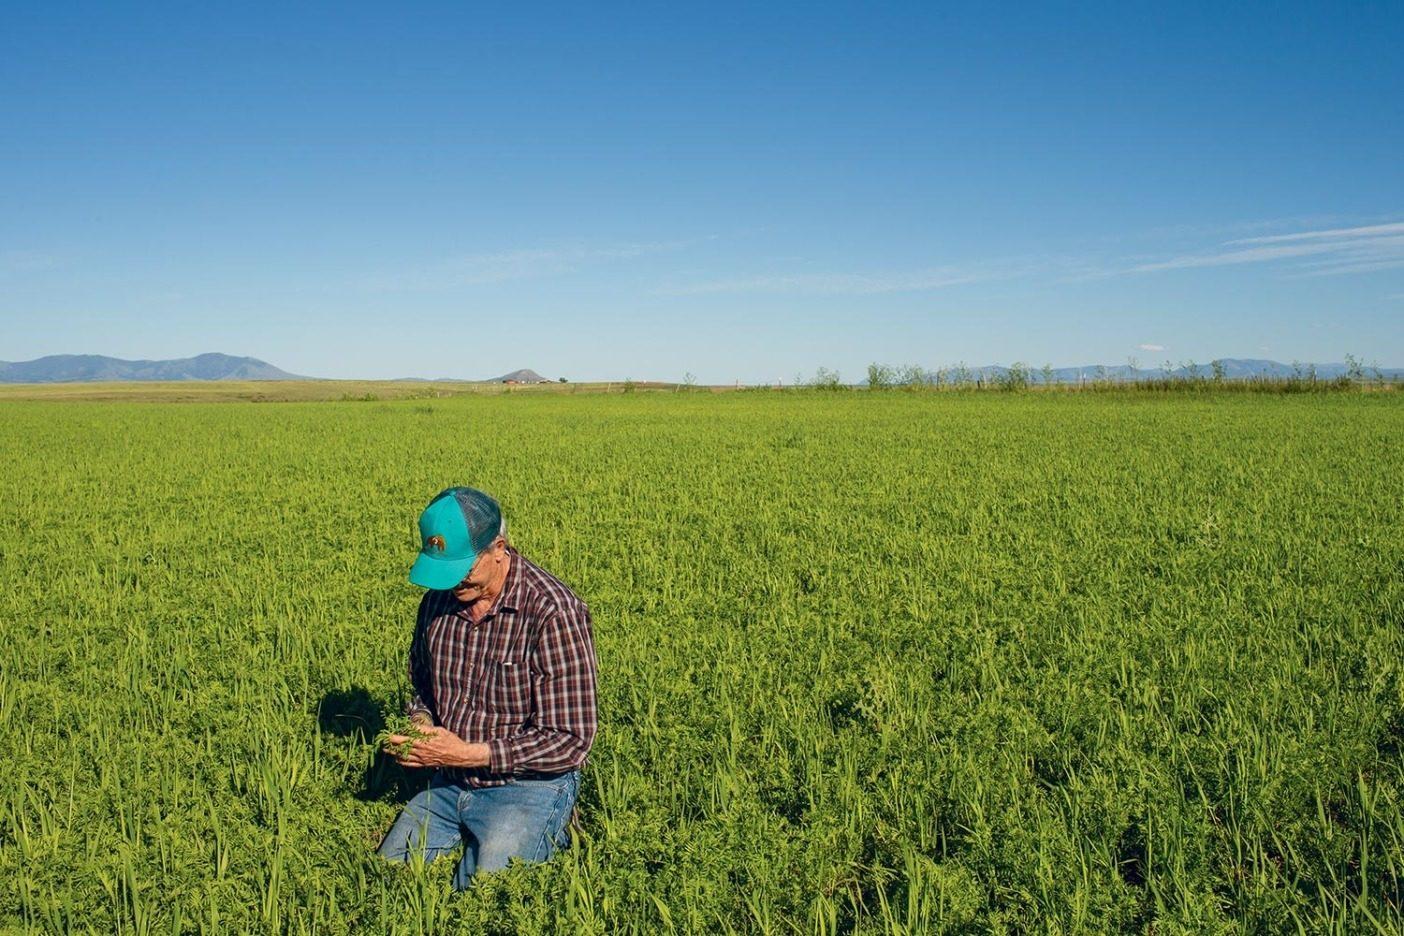 ニック・メムキーの畑でレンズ豆を観察する〈タイムレス・シーズ〉の共同創業者デイヴ・オイエン。ニックの農場は「ビッグスカイ・カントリー」ことモンタナで〈タイムレス〉が支援する、十数の家族経営オーガニック農場のひとつ。 Photo: Amy Kumler